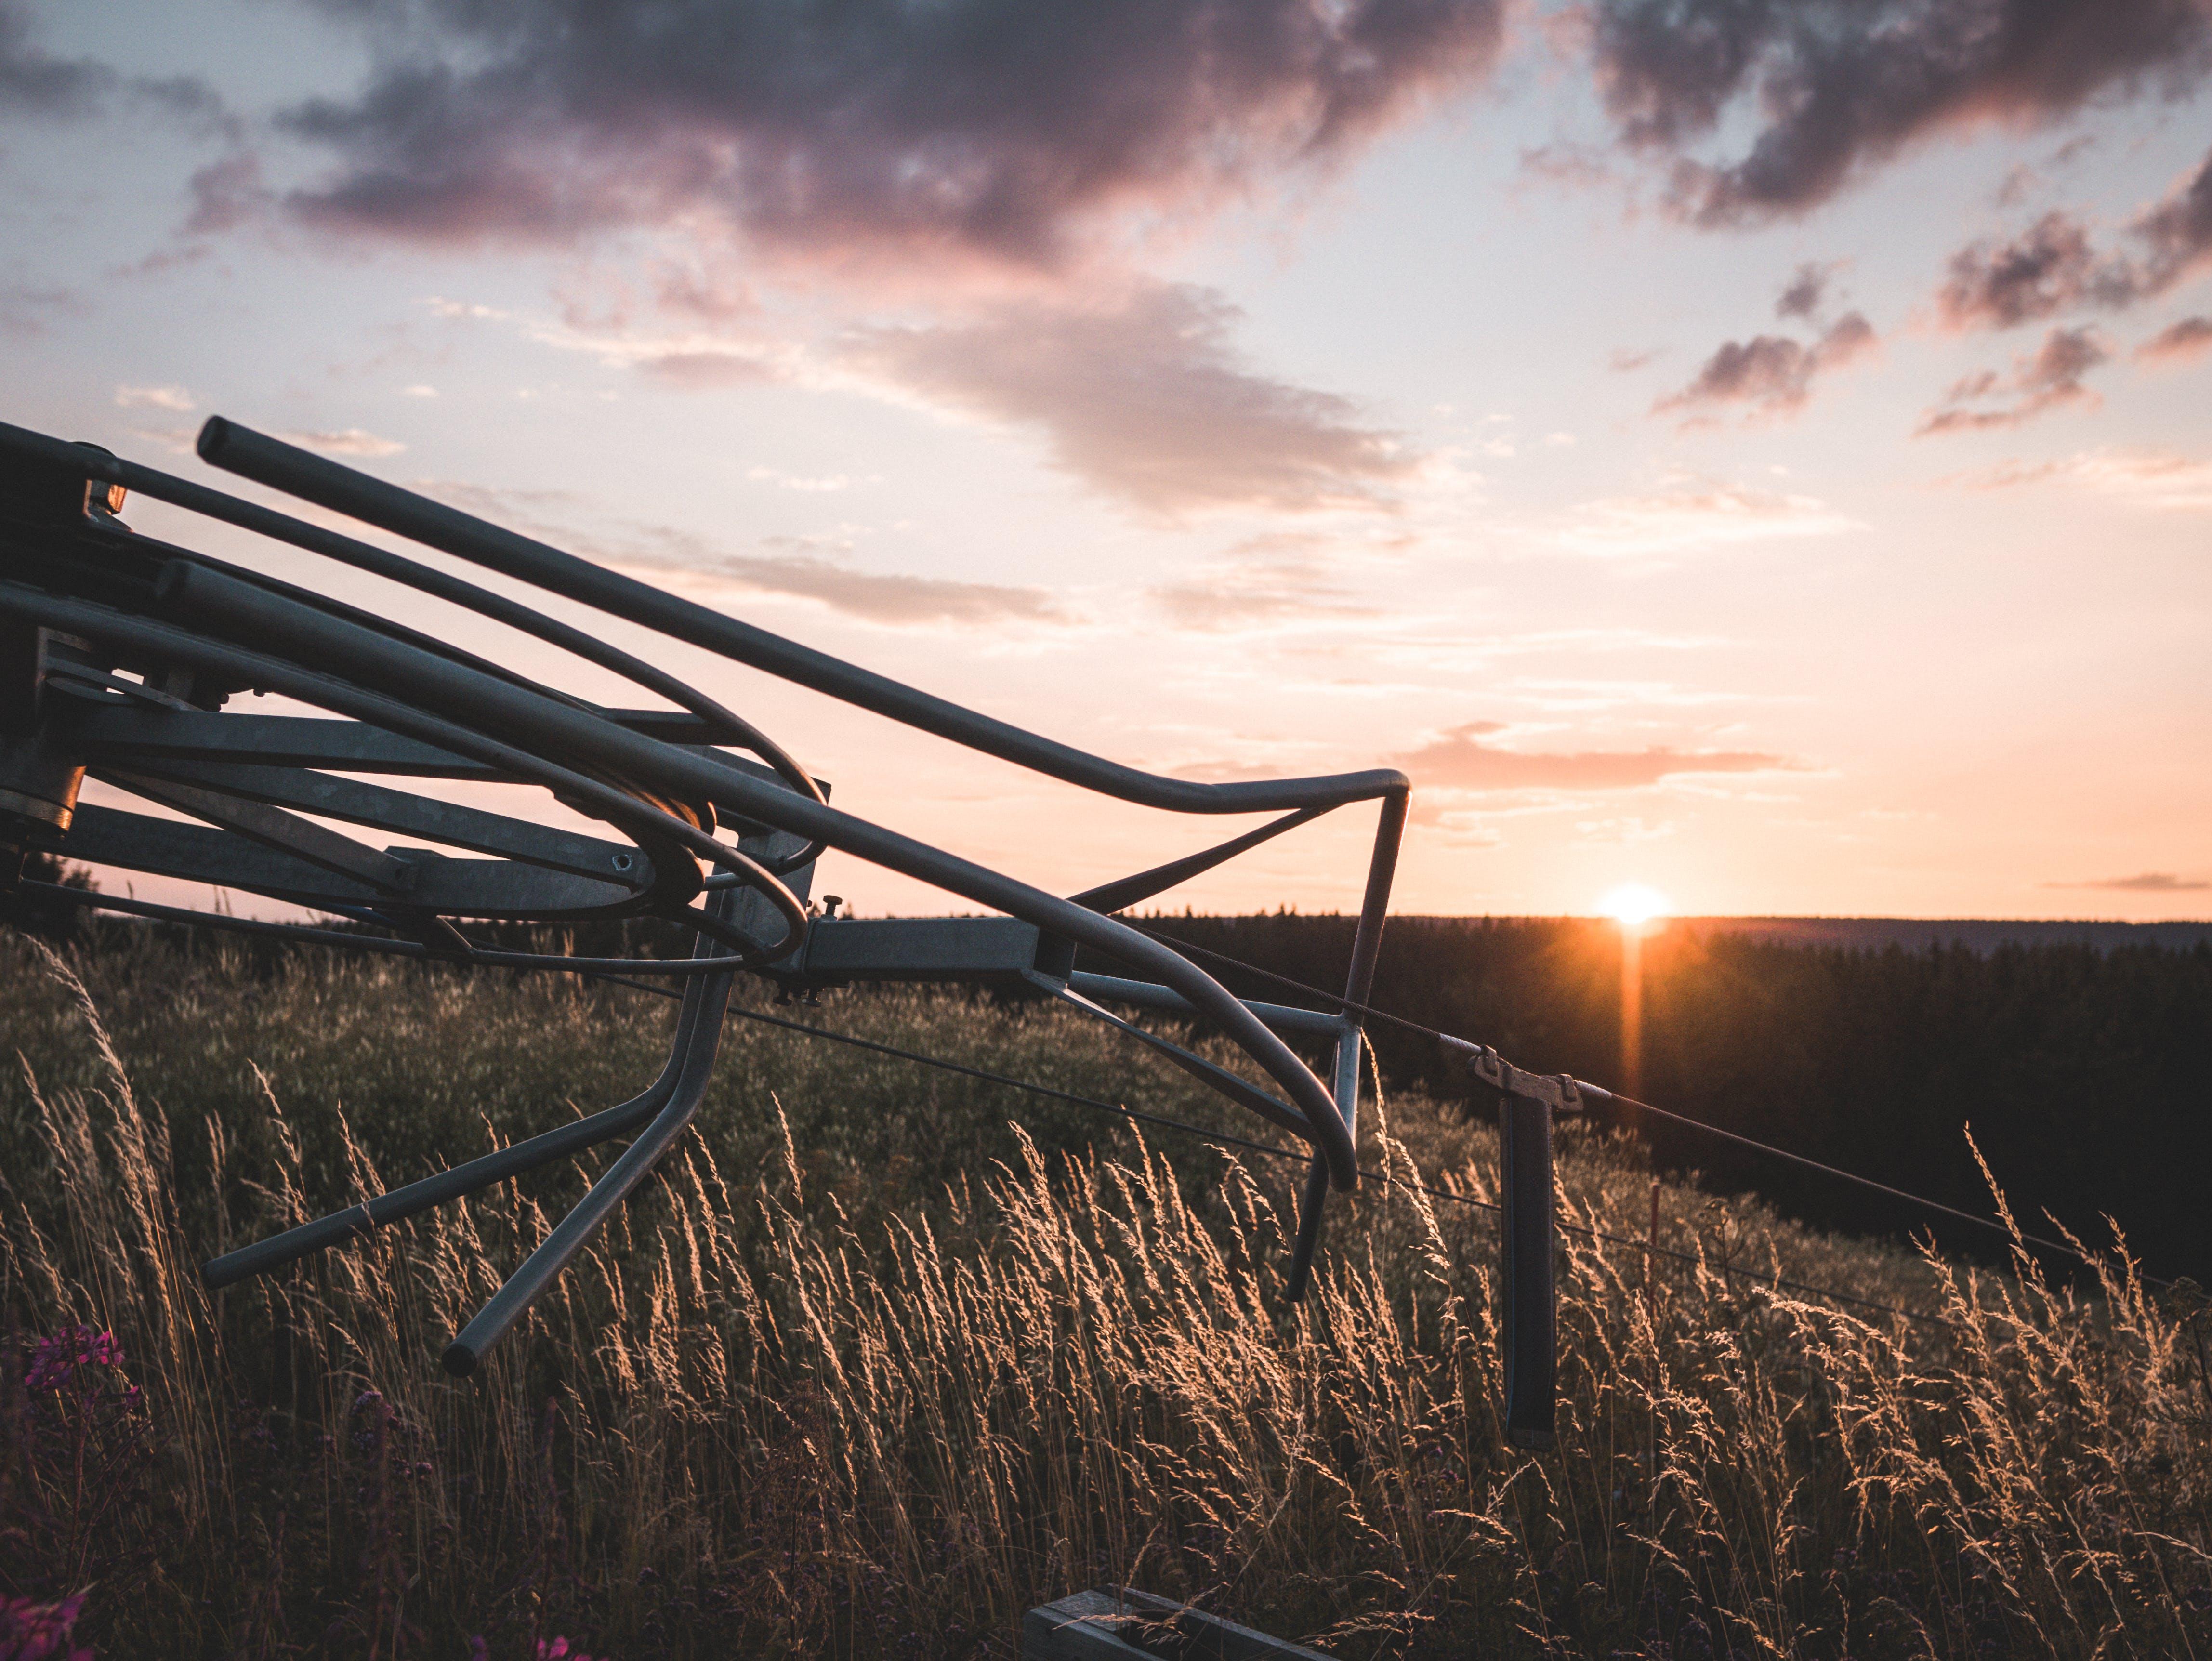 Grey Steel Farm Machine on Field during Orange Sunset